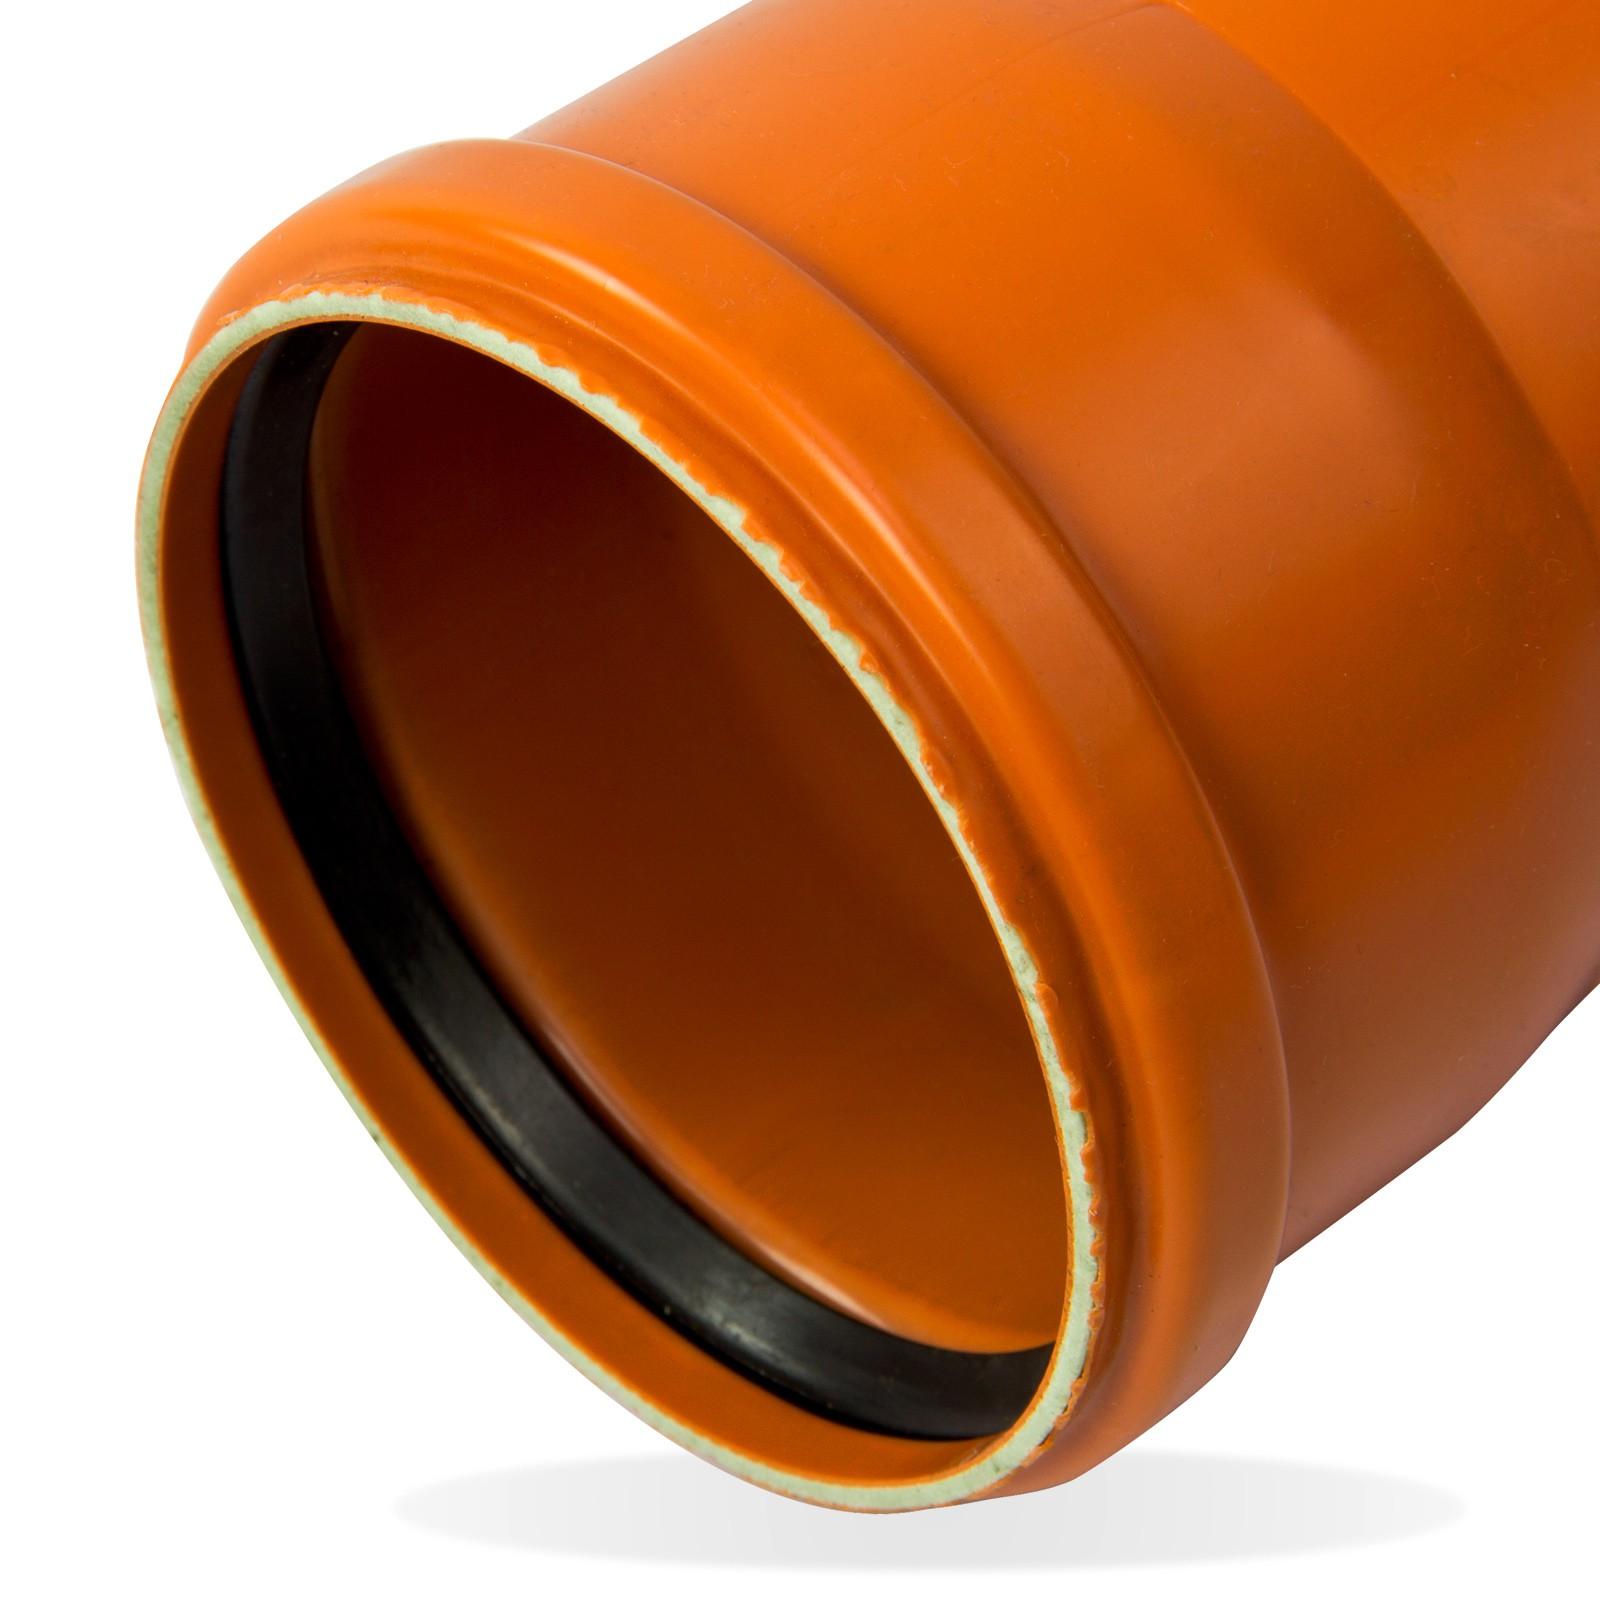 kg rohr dn315 1000mm 1m abwasserrohr 300mm kanalrohr orange. Black Bedroom Furniture Sets. Home Design Ideas